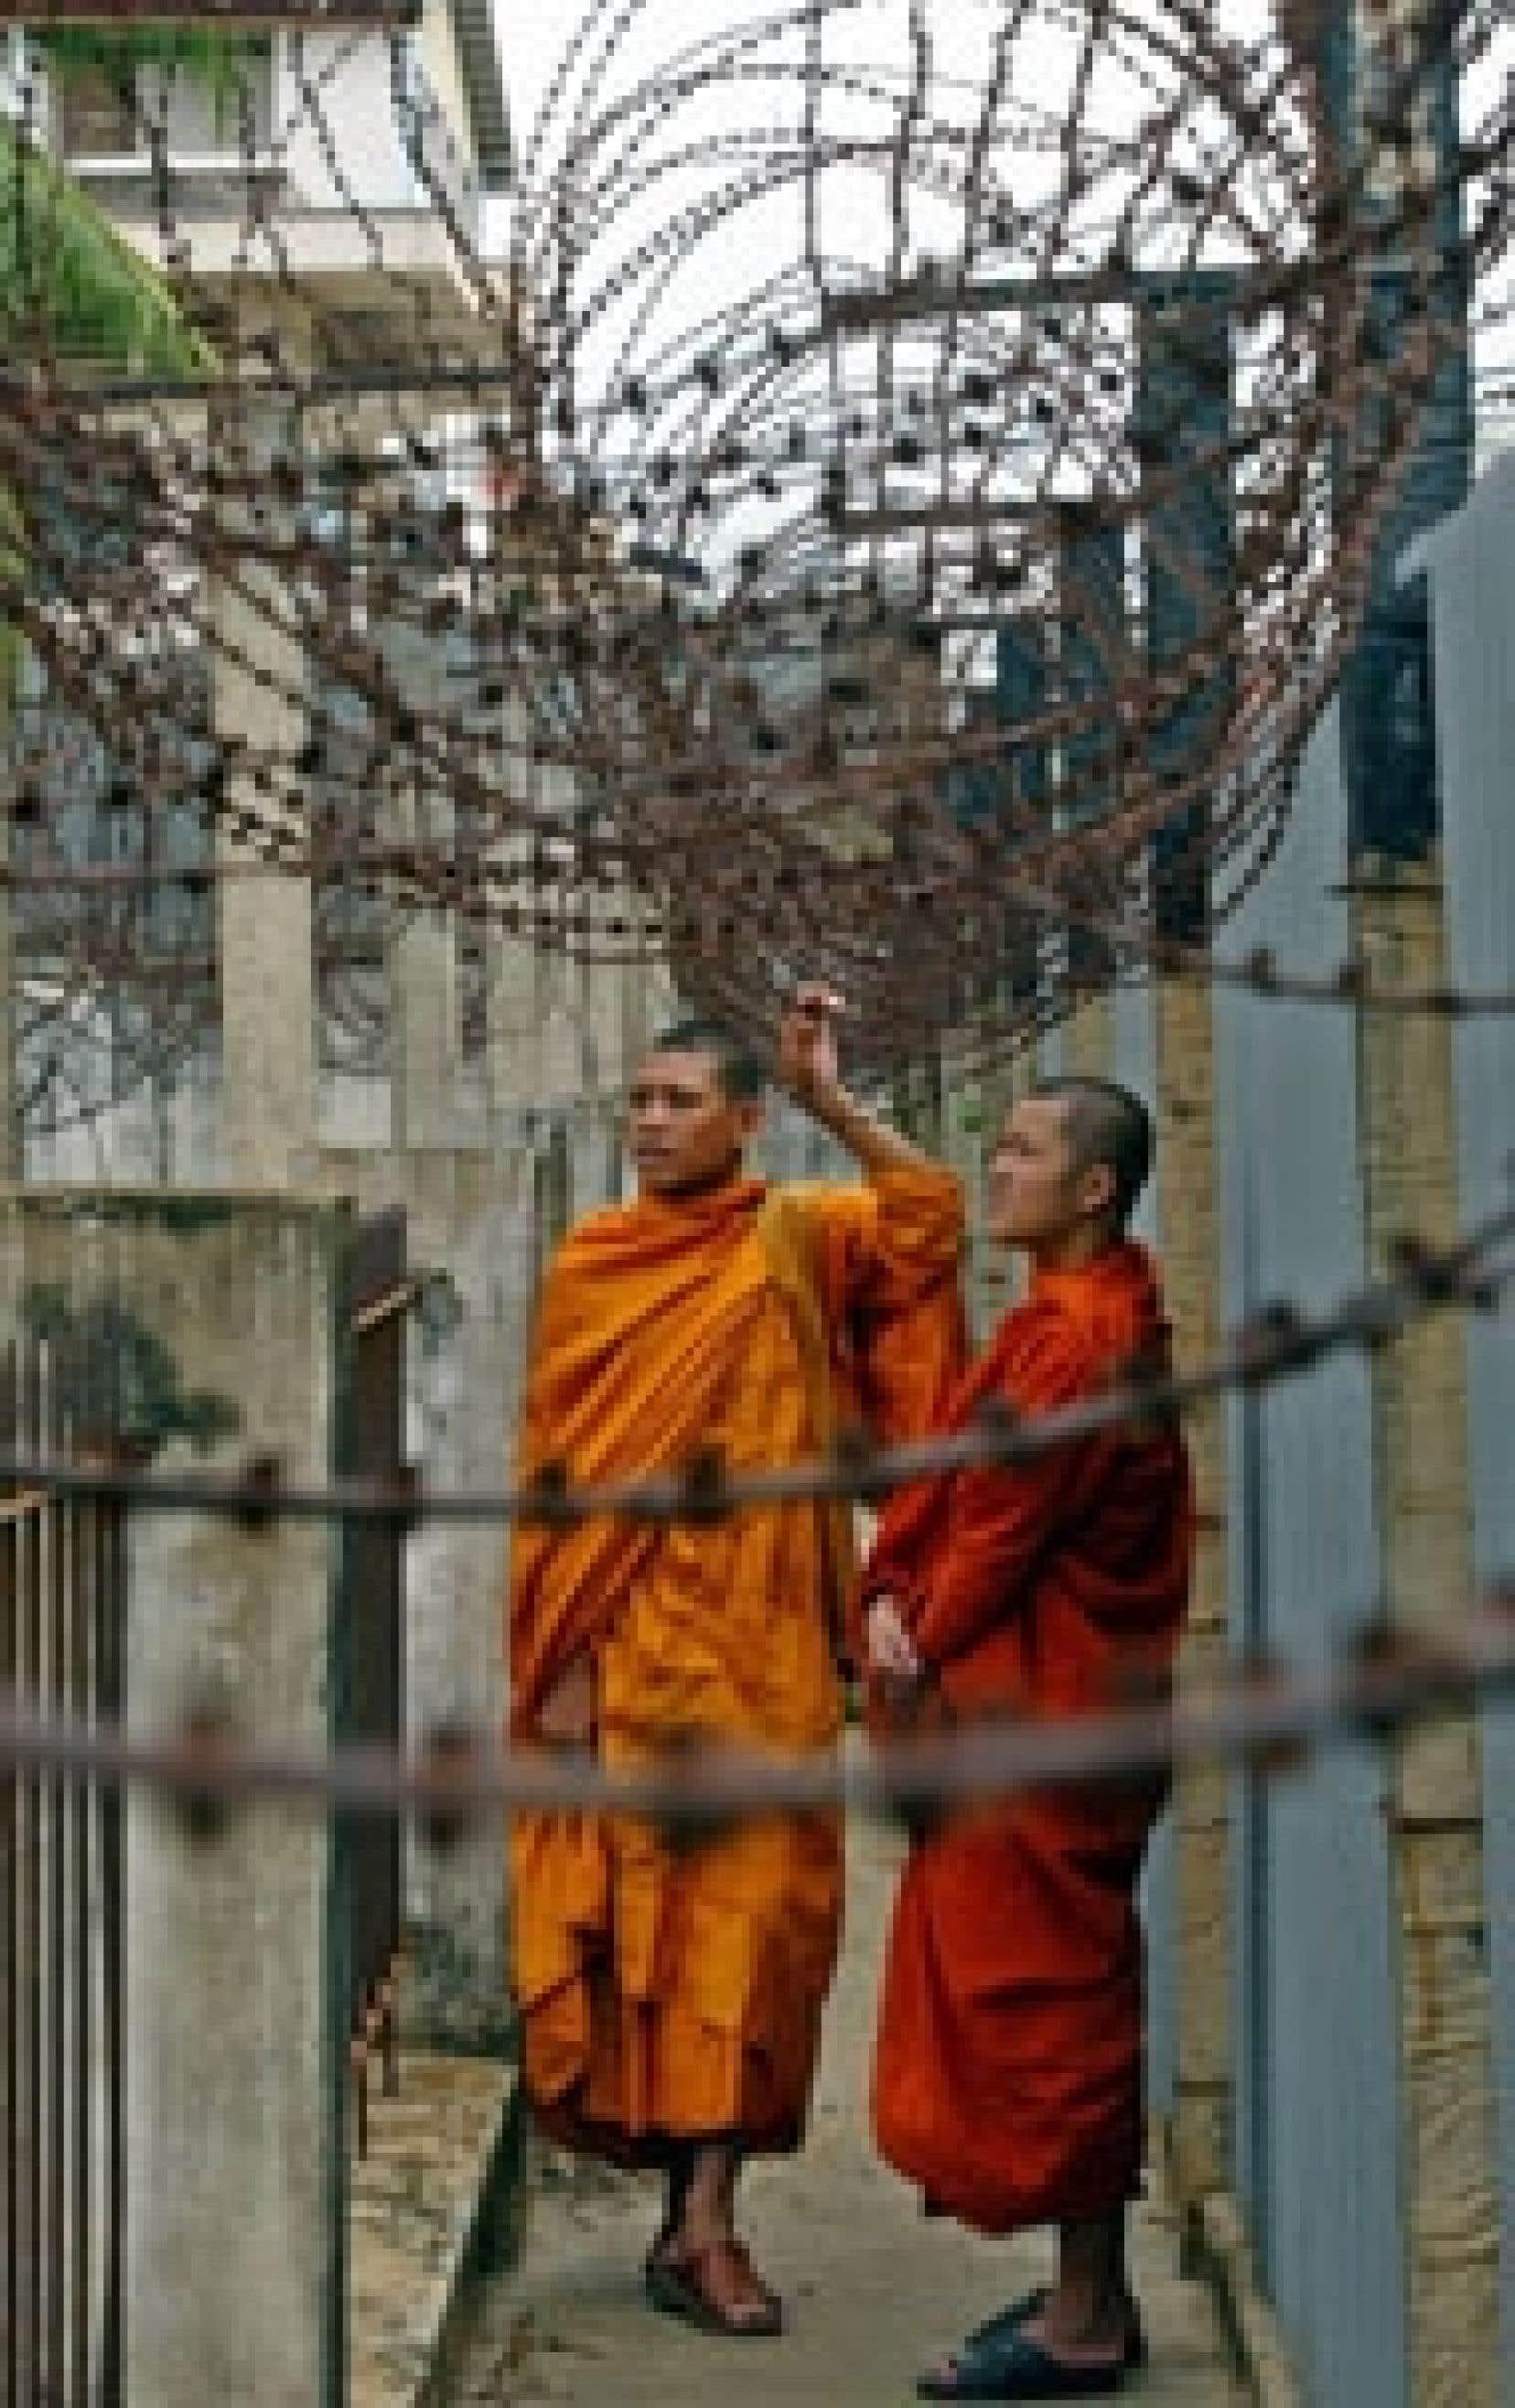 Des moines bouddhistes examinent les barbelés de la prison khmère rouge S-21 reconvertie depuis en musée commémorant le génocide commis sous le régime de Pol Pot dans les années 1970.